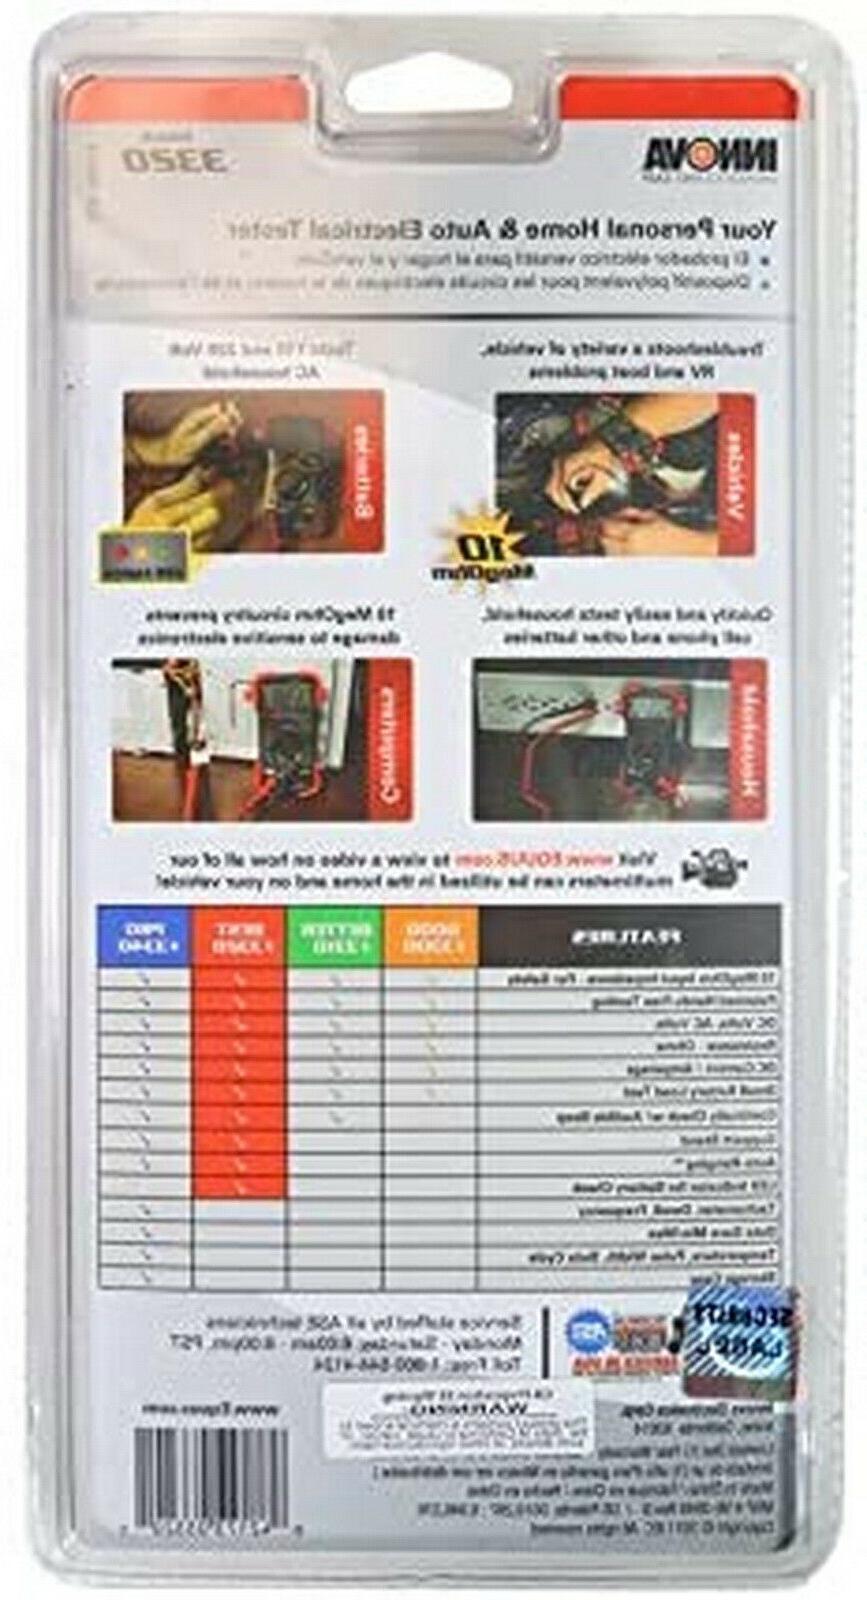 Digital Range Voltmeter Tester Automotive Capacitance Meter Amp